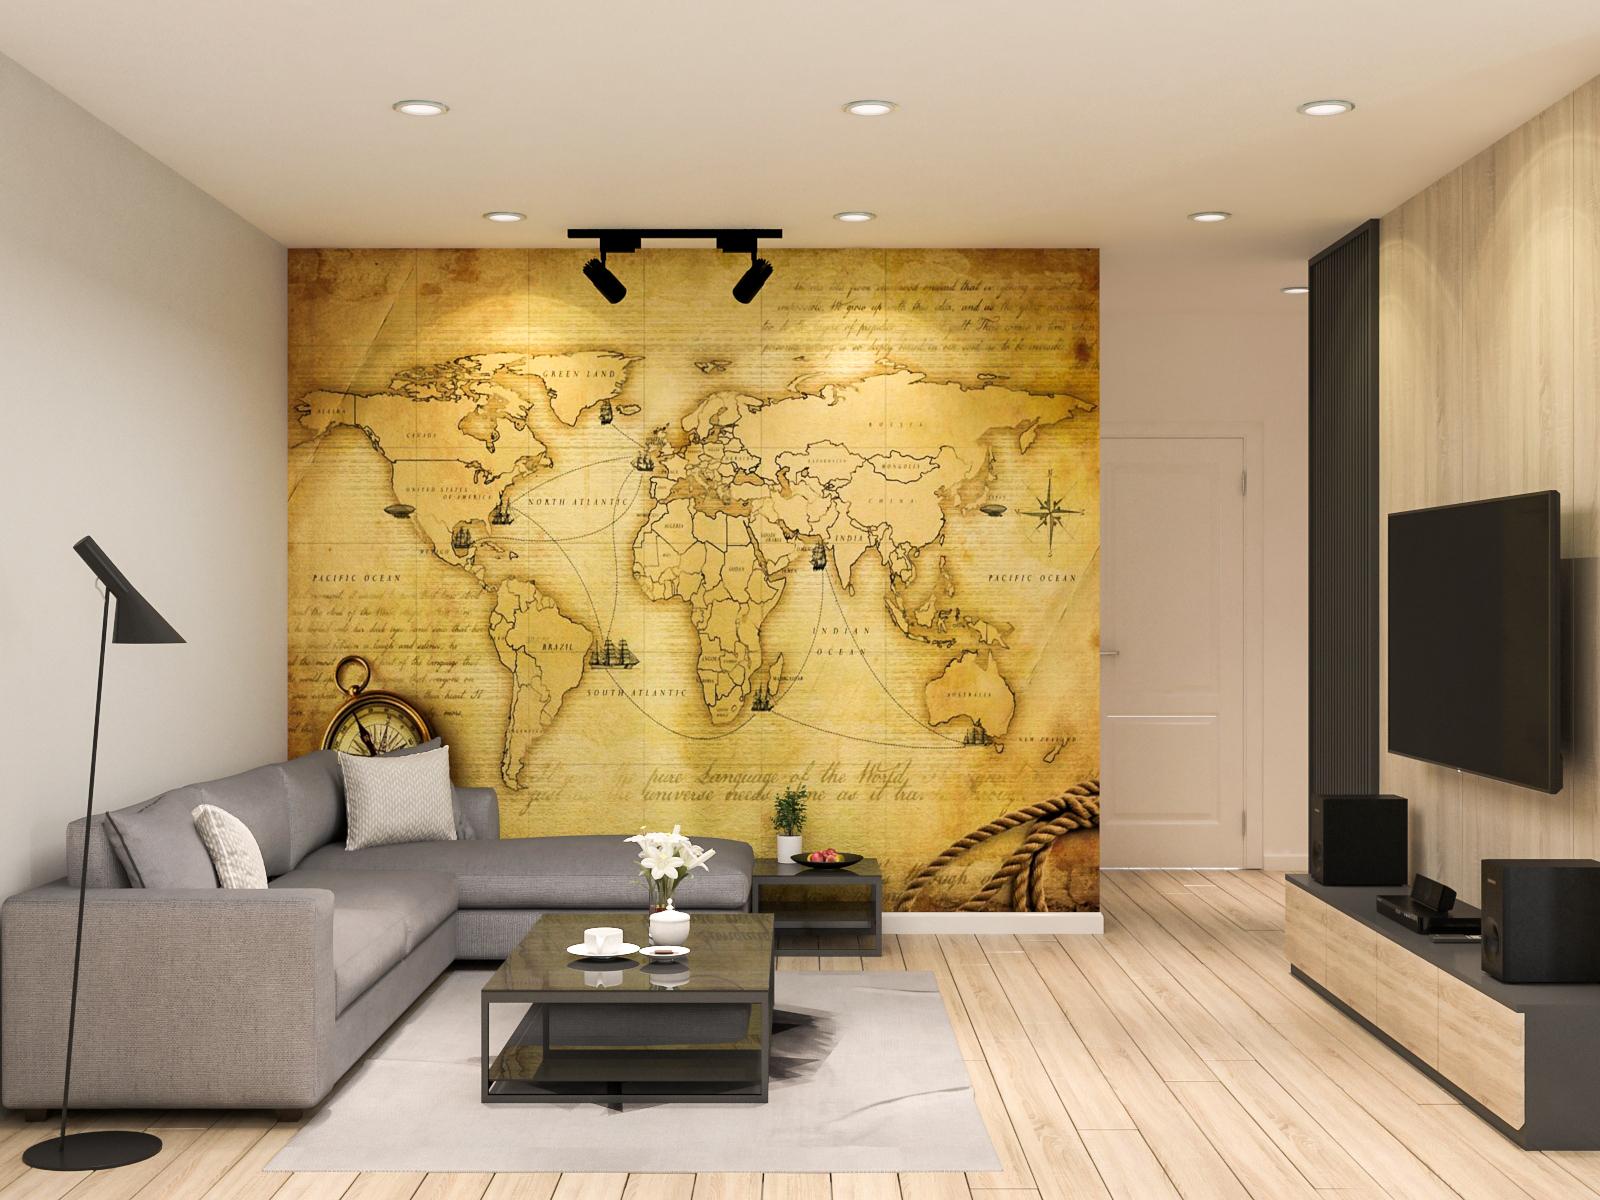 Tư vấn thiết kế cải tạo căn hộ chung cư diện tích 79m² với tổng chi phí 140 triệu đồng - Ảnh 7.